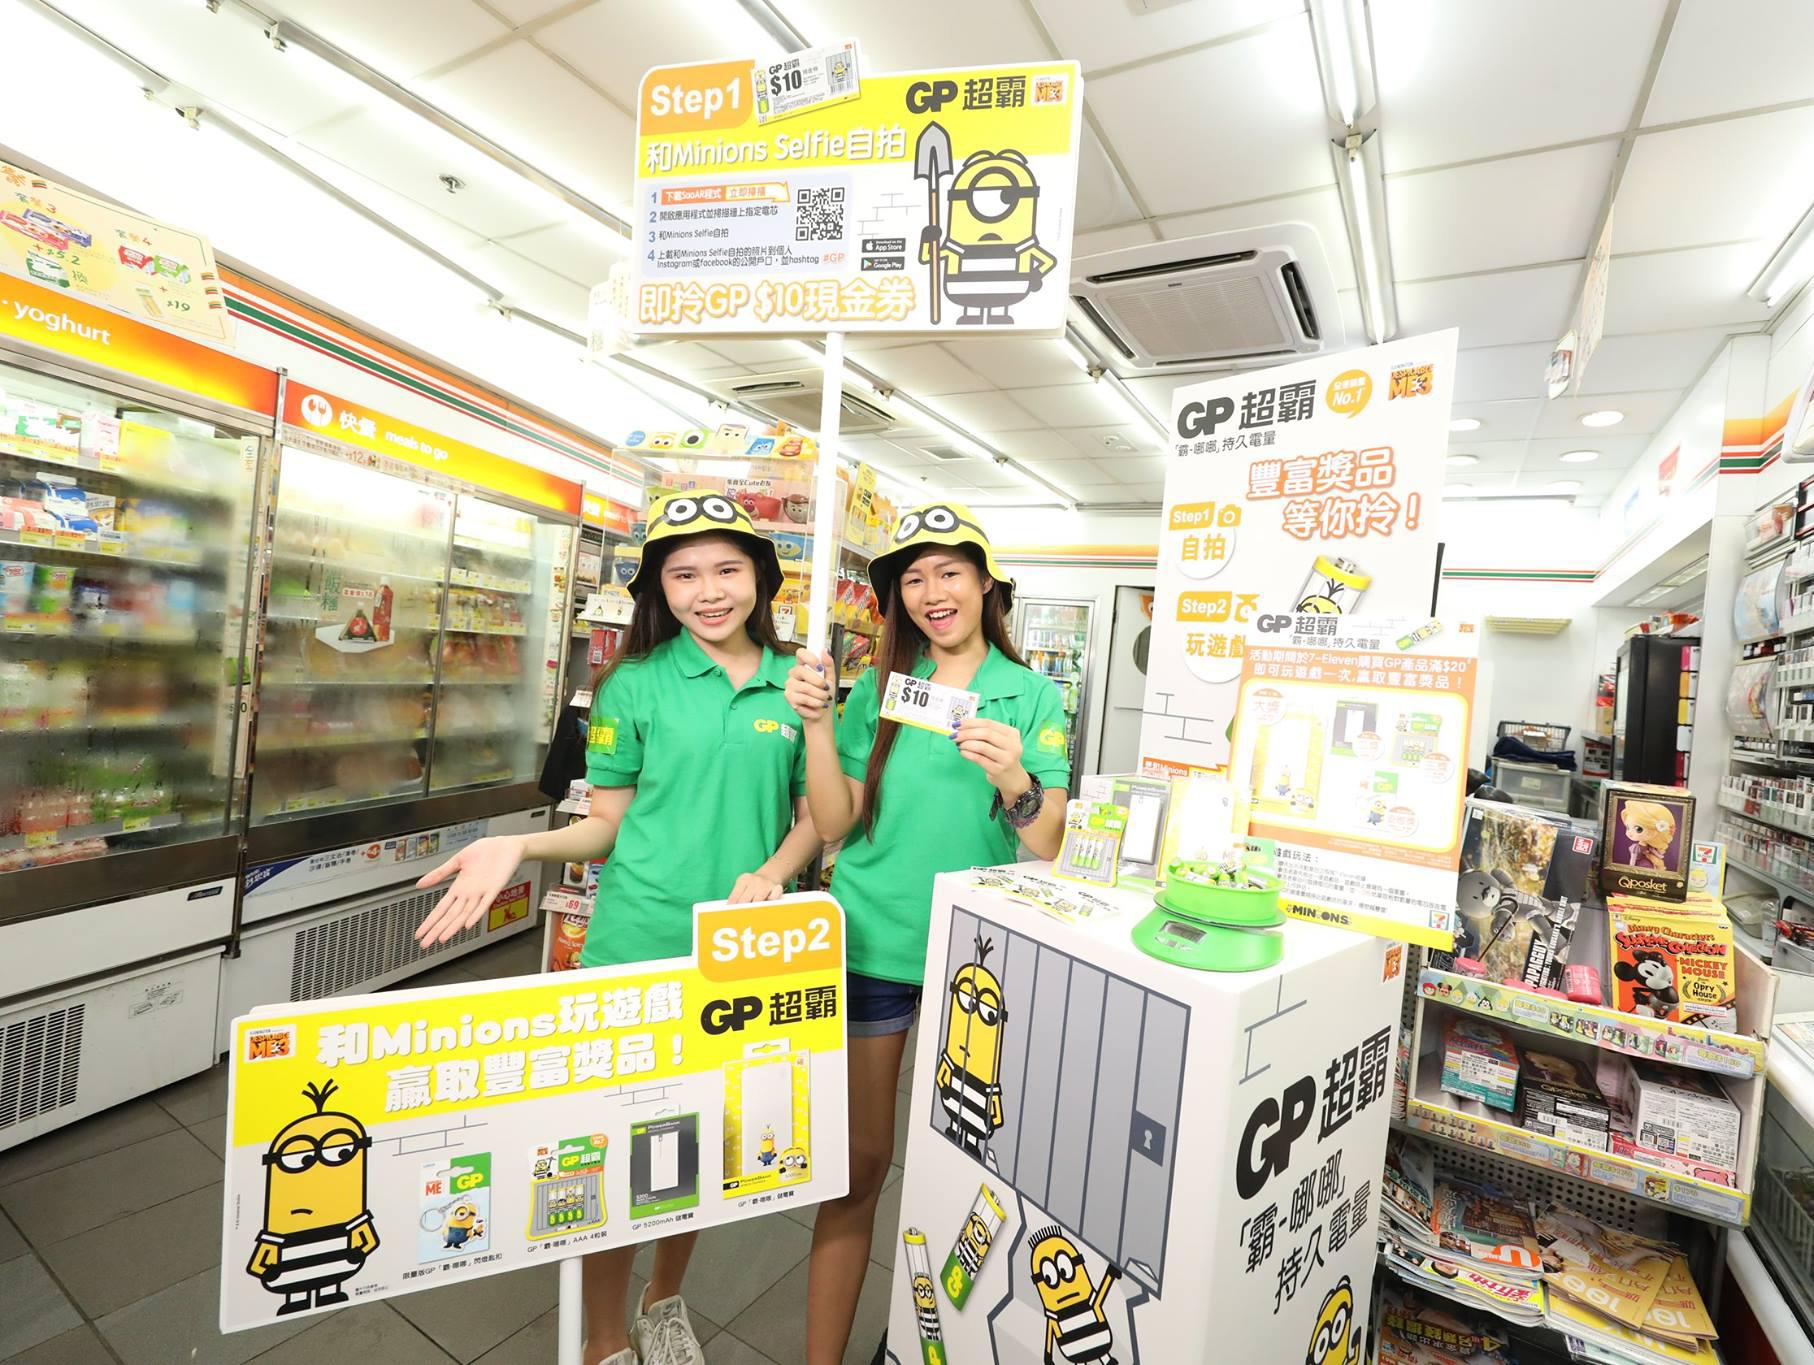 GP Batteries Hong Kong Road Show